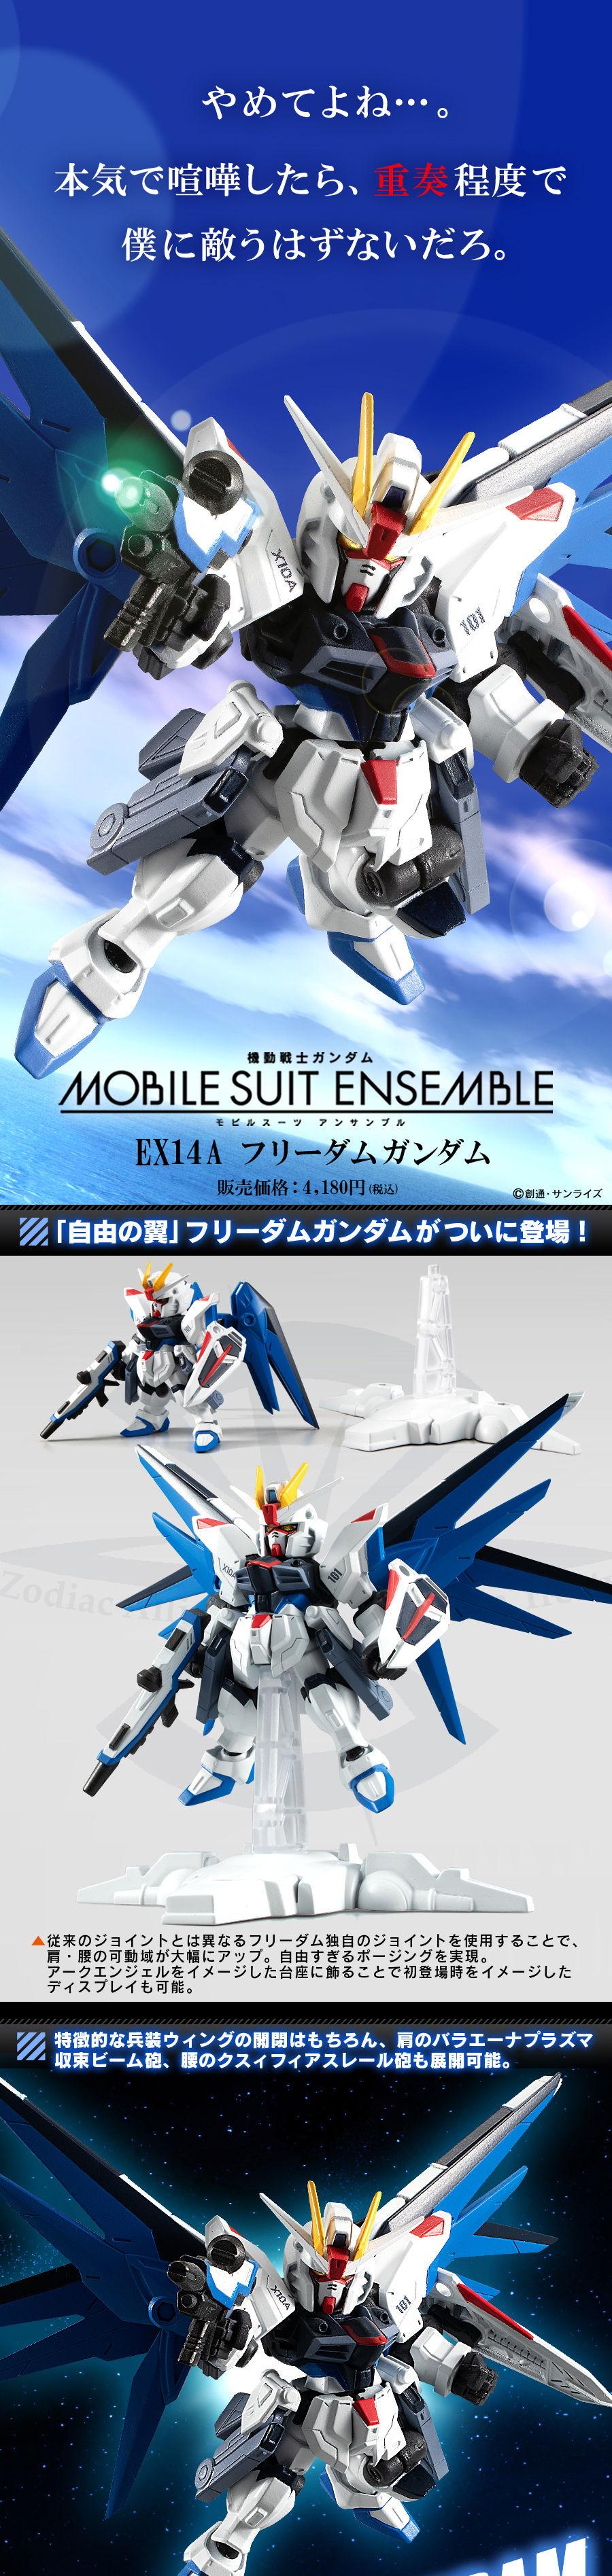 主角威能舞翔之劍!MOBILE SUIT ENSEMBLE《機動戰士鋼彈SEED》EX14A 自由鋼彈(フリーダムガンダム)